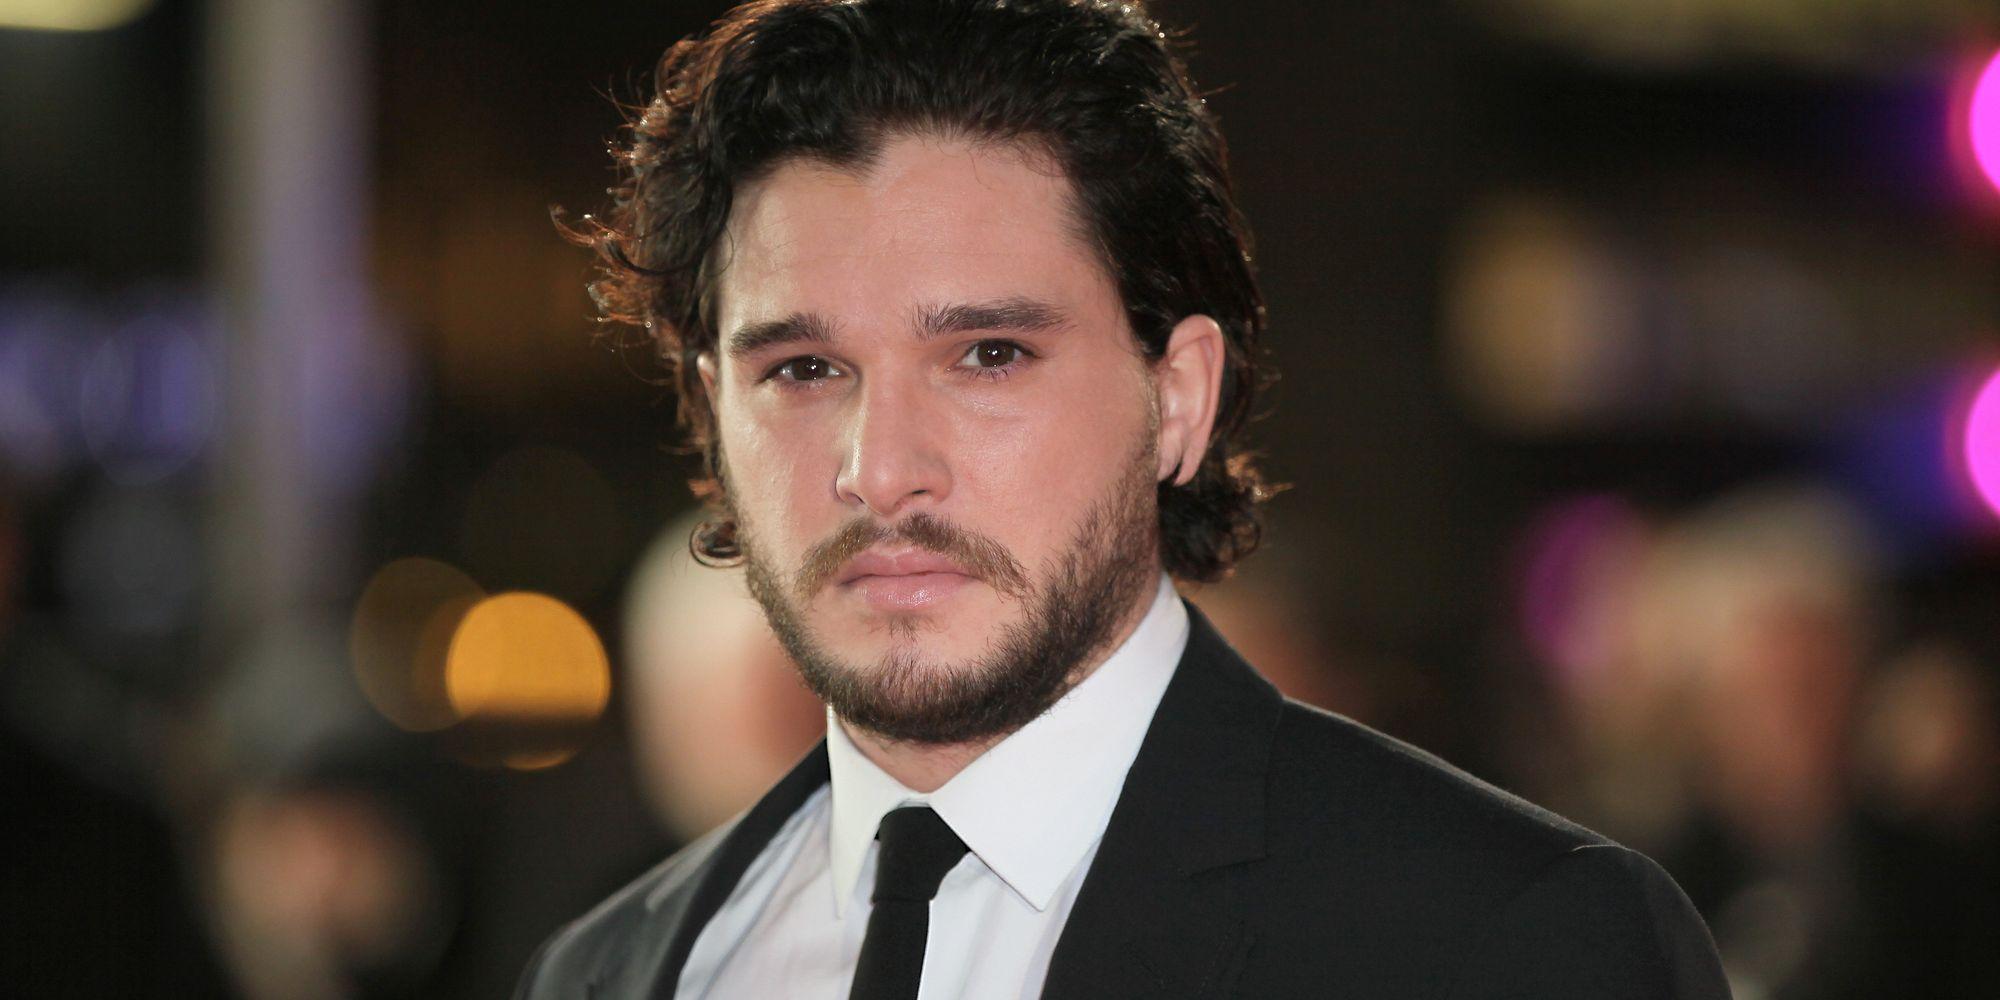 Kit Harington Told A Cop About Jon Snow's Fate To Avoid Speeding Ticket